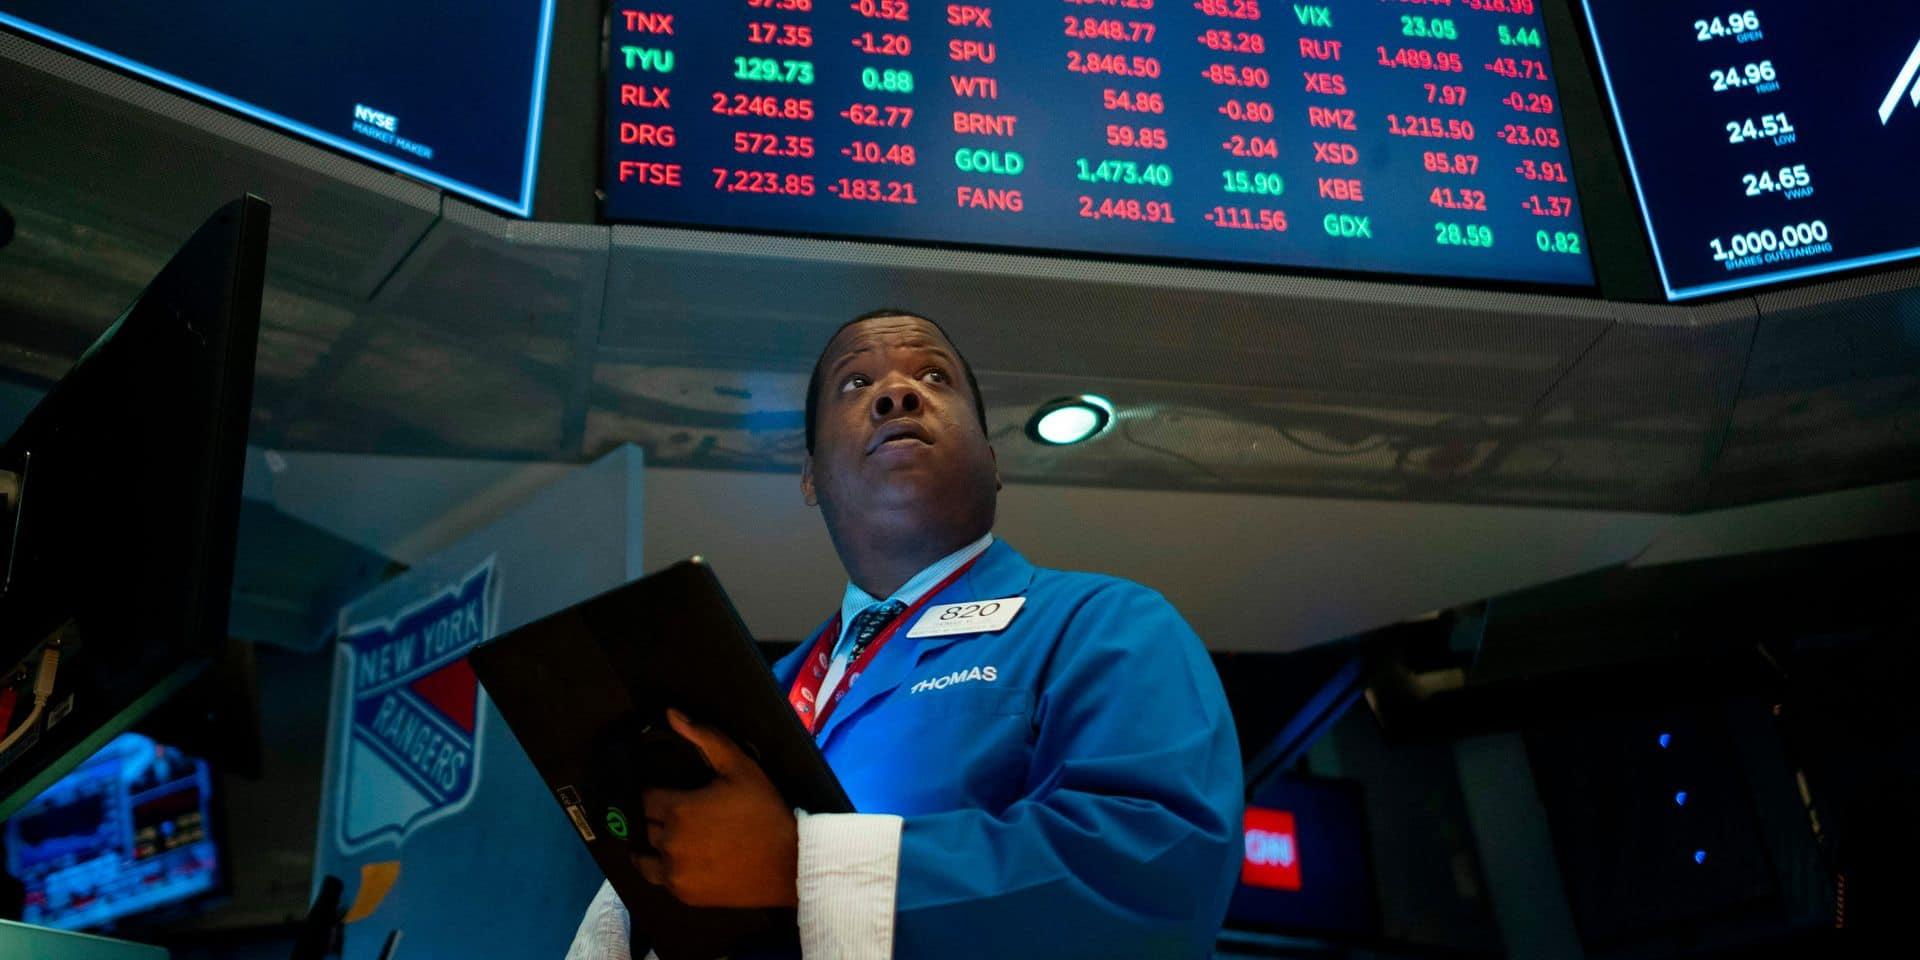 Après avoir enregistré sa pire journée, Wall Street rebondit